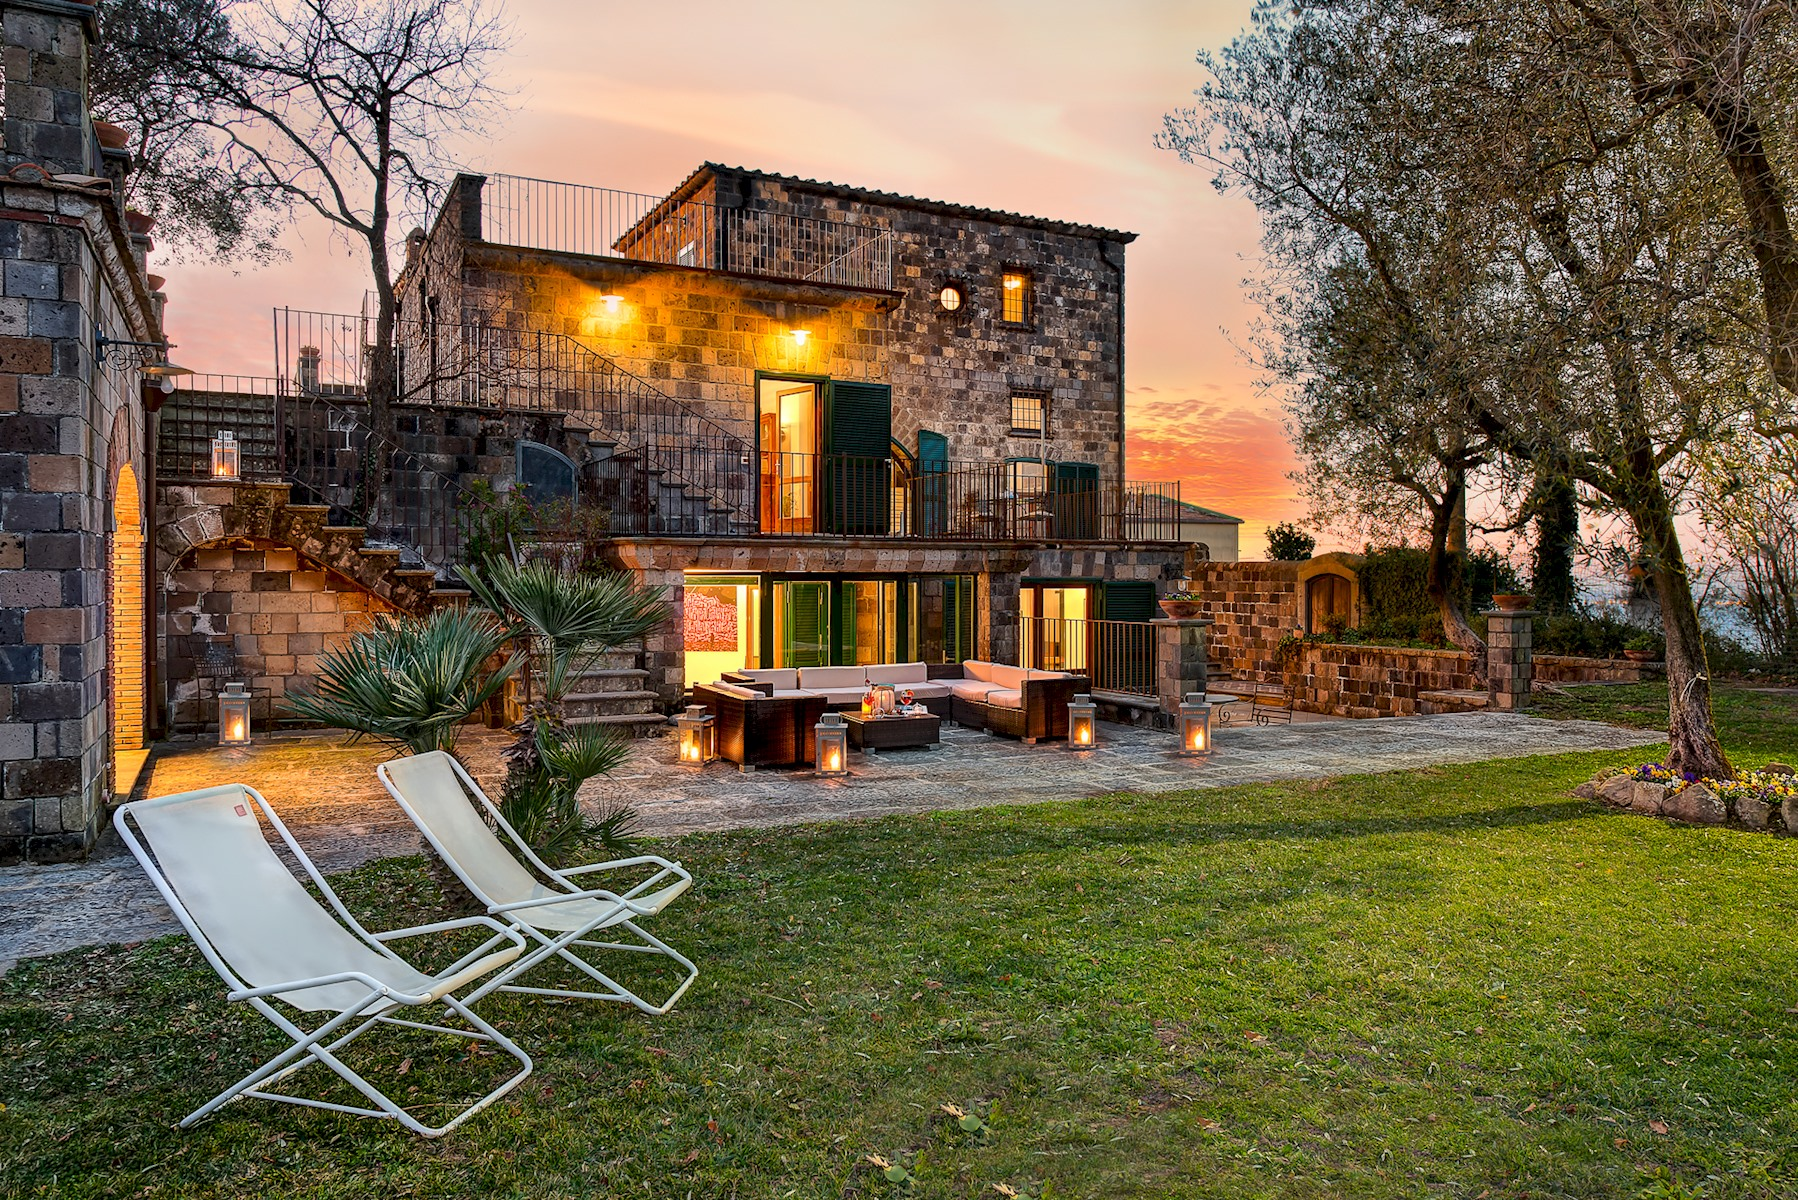 Apartment Villa Vesuvio - Luxury and Beauty photo 25035351